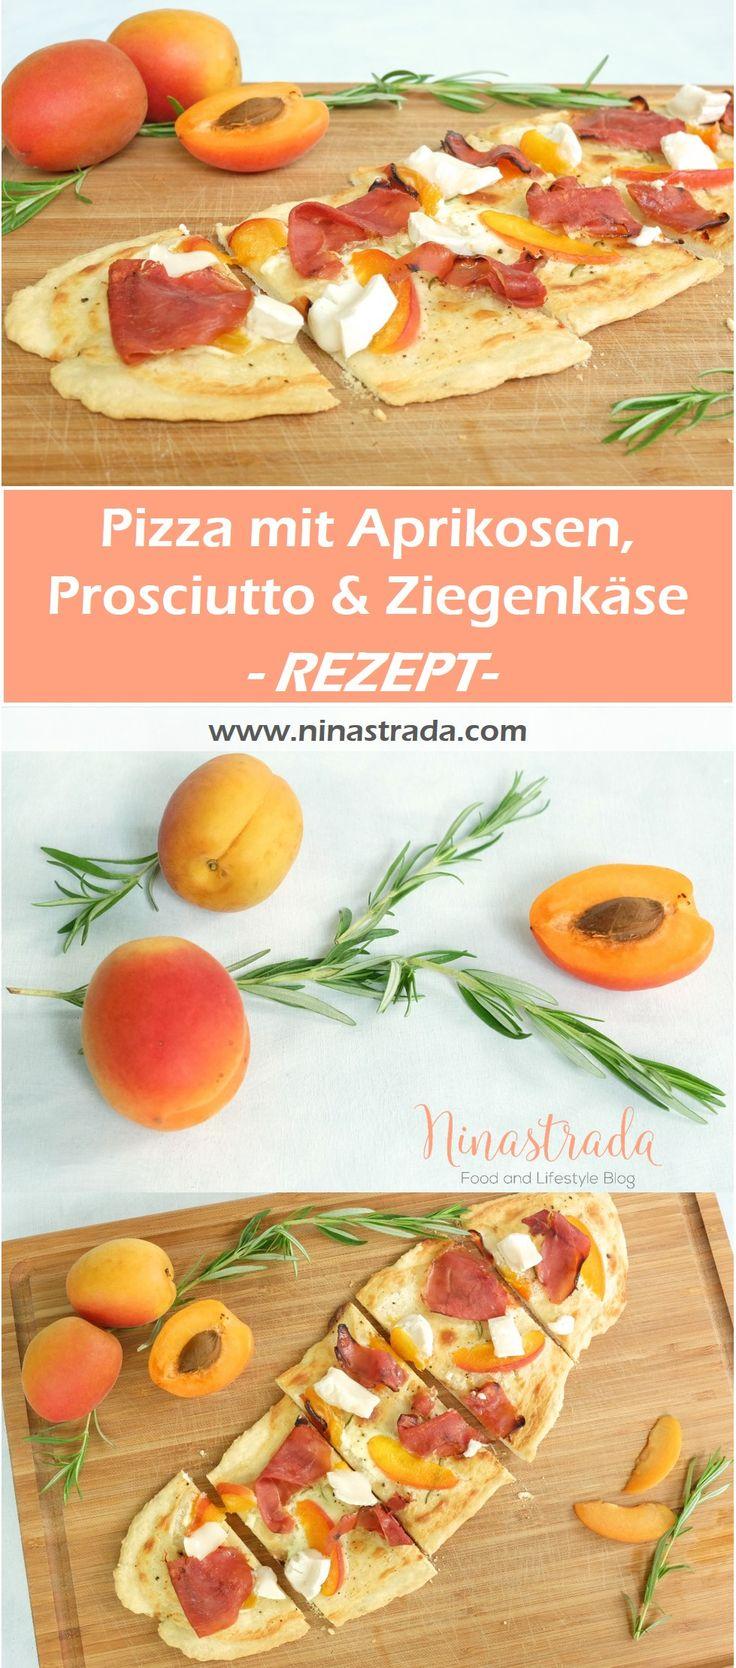 Ein einfaches und schnelles Rezept für den Sommer: http://ninastrada.com/pizza-bianca/ Süße Aprikosen kombiniert mit salzigem Prosciutto, Ziegenkäse und Rosmarin.